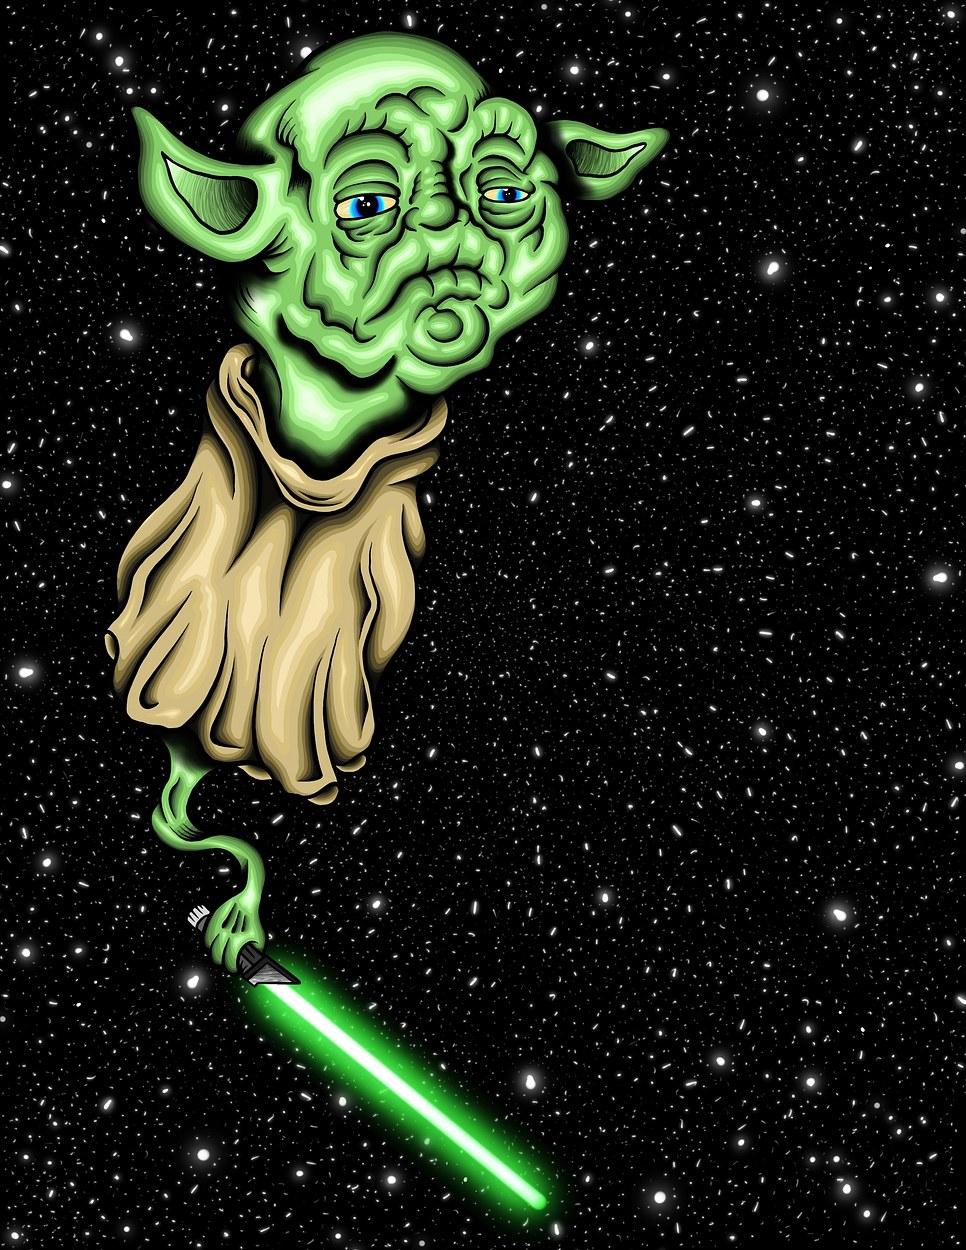 Yoda in Space